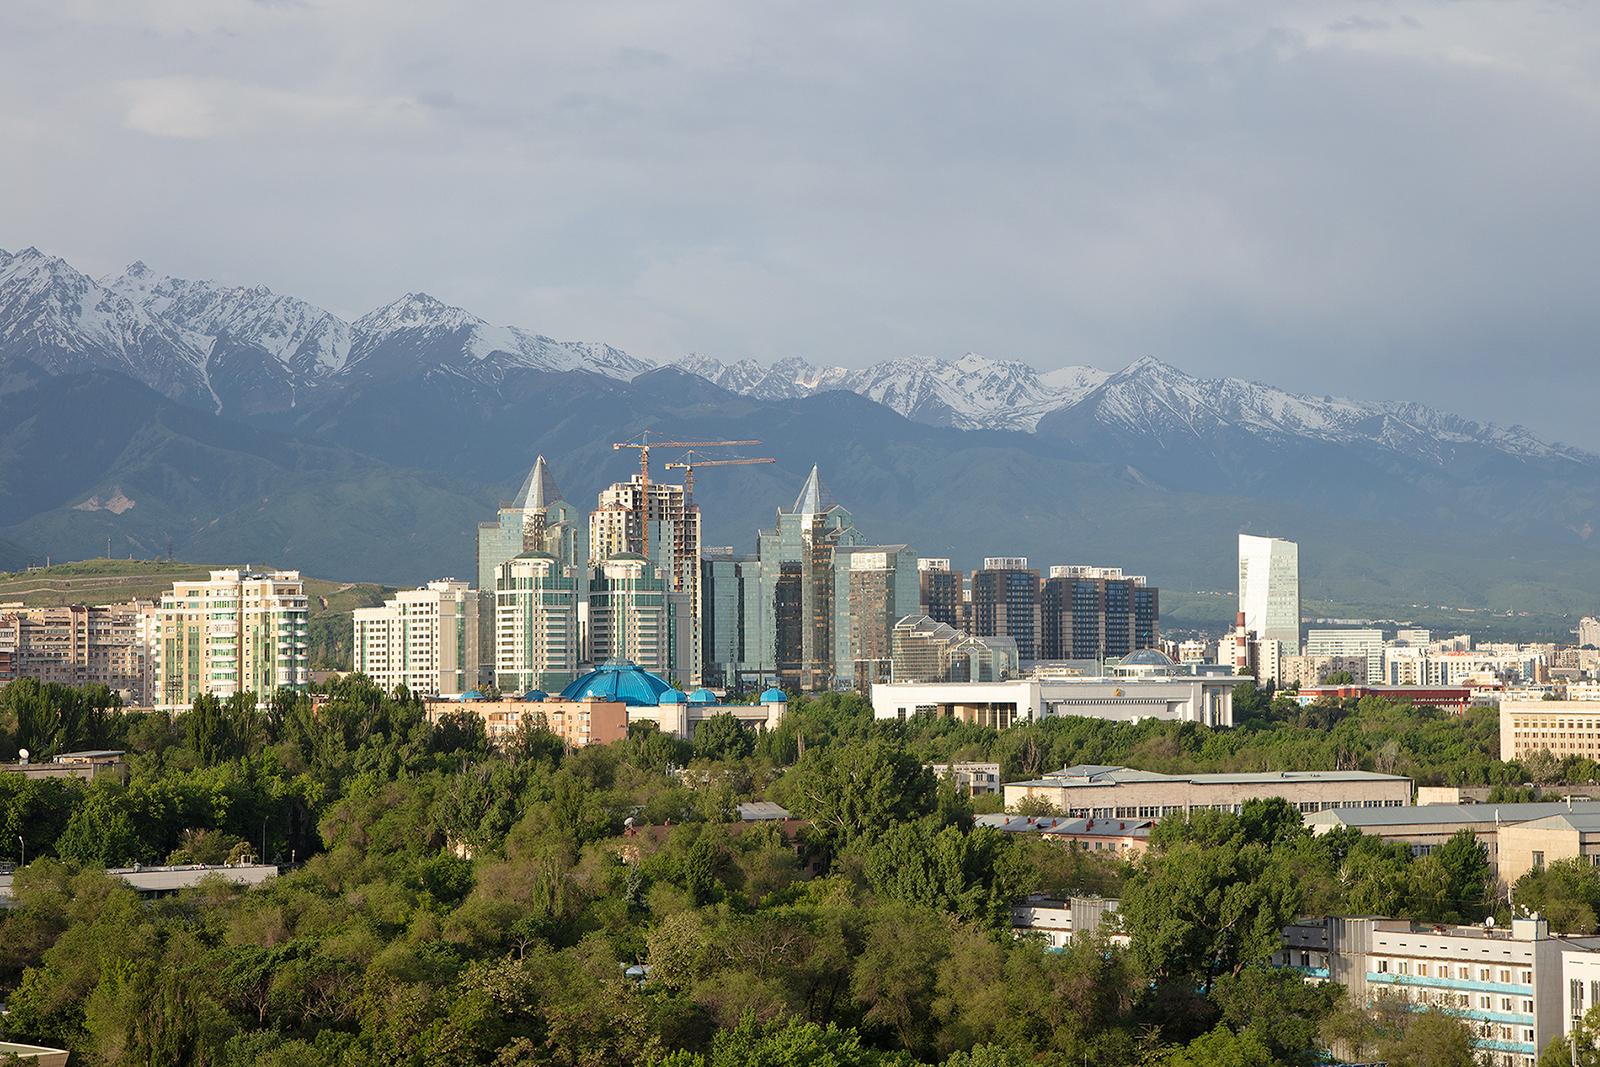 Blick aus dem Hotel Kazakhstan auf die Innenstadt und das Gebirge.